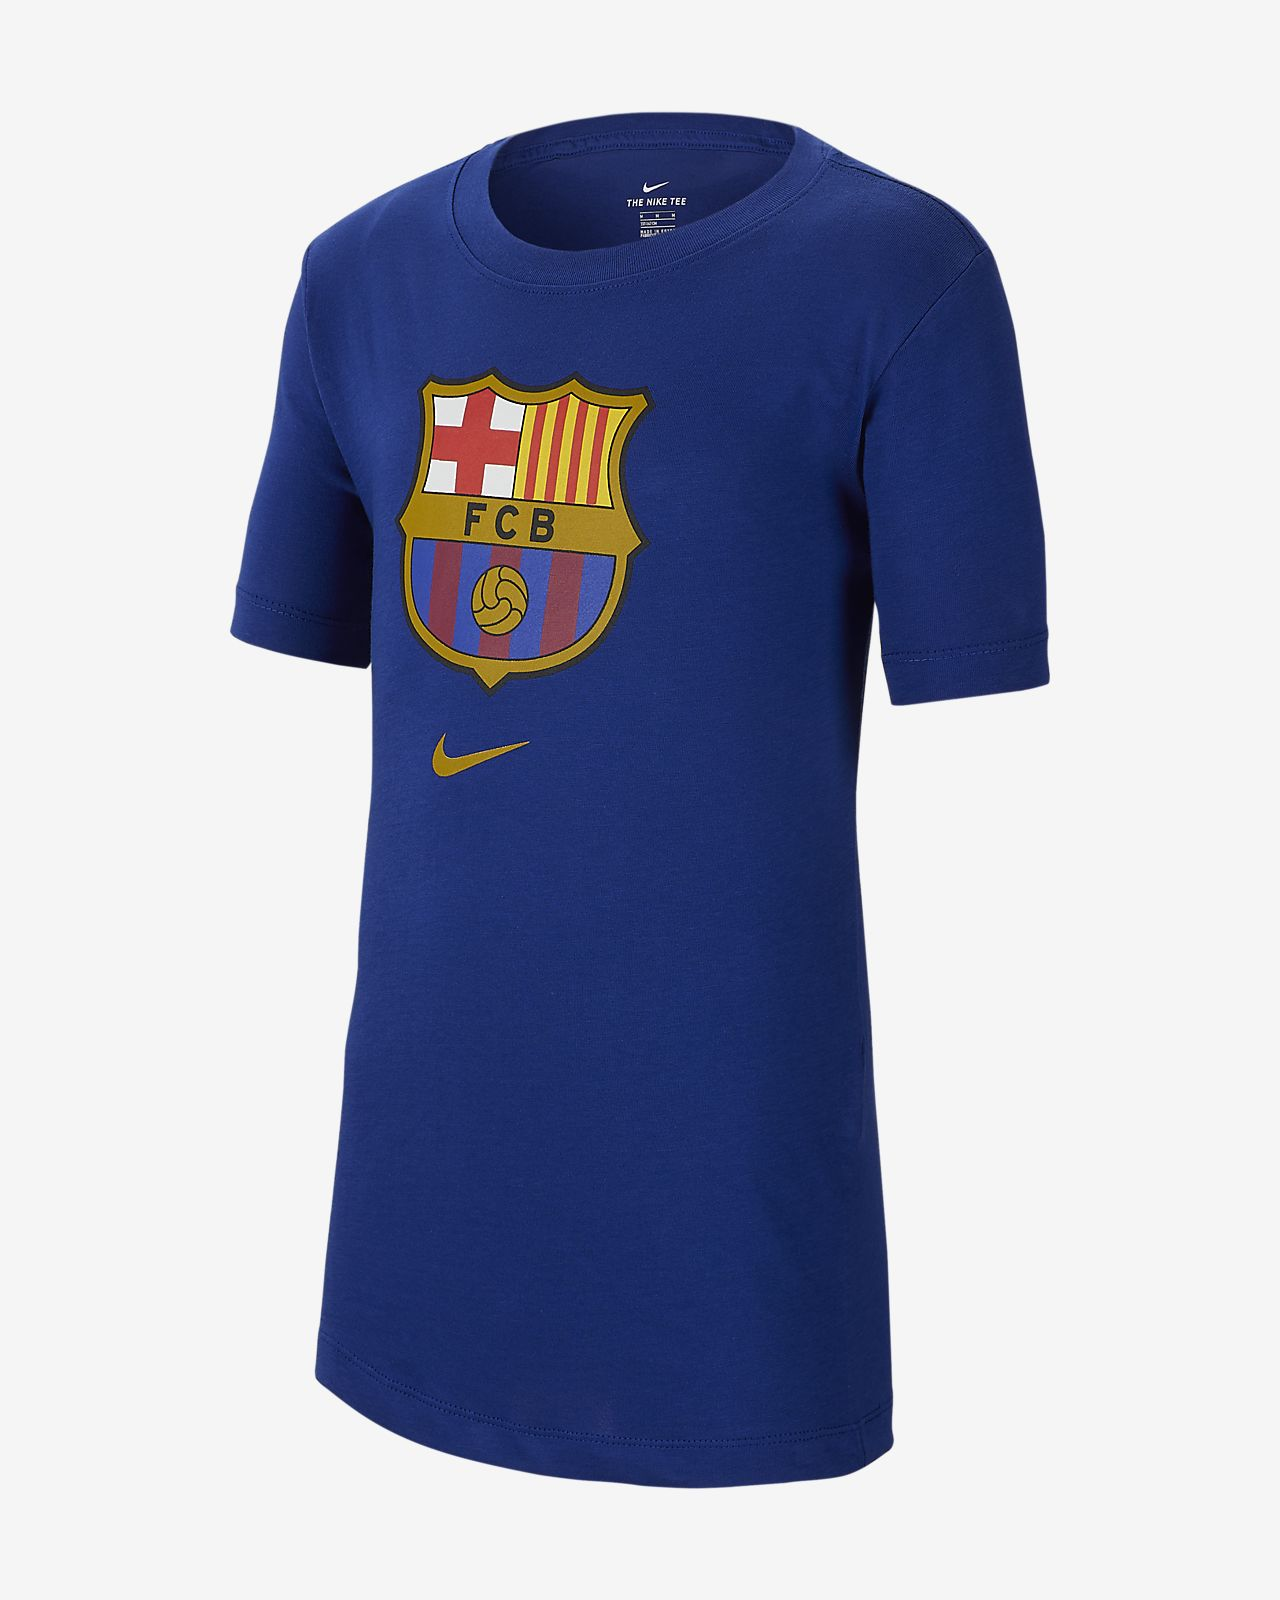 Футболка для школьников FC Barcelona